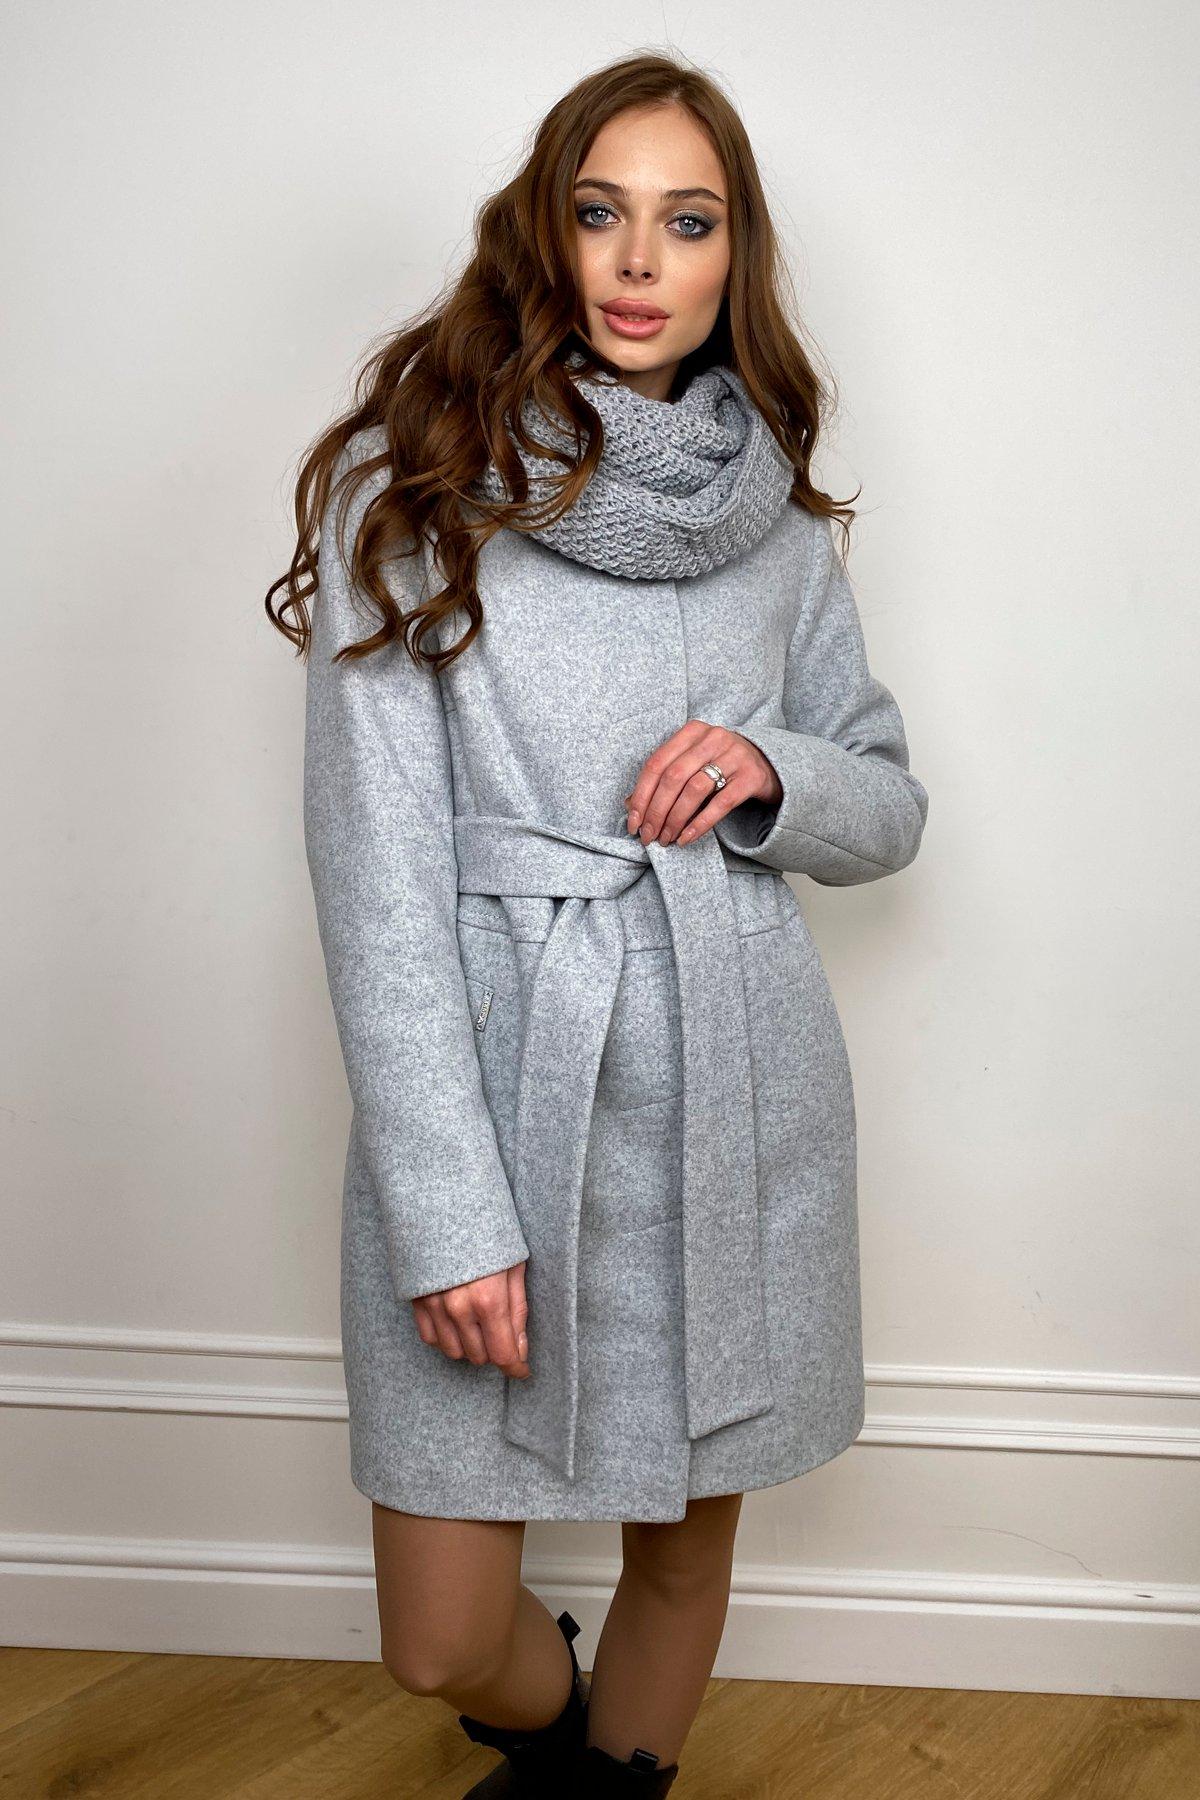 Пальто женское зимнее Габи 8295 с шарфом-трубой АРТ. 44406 Цвет: Серый Светлый 33 - фото 5, интернет магазин tm-modus.ru